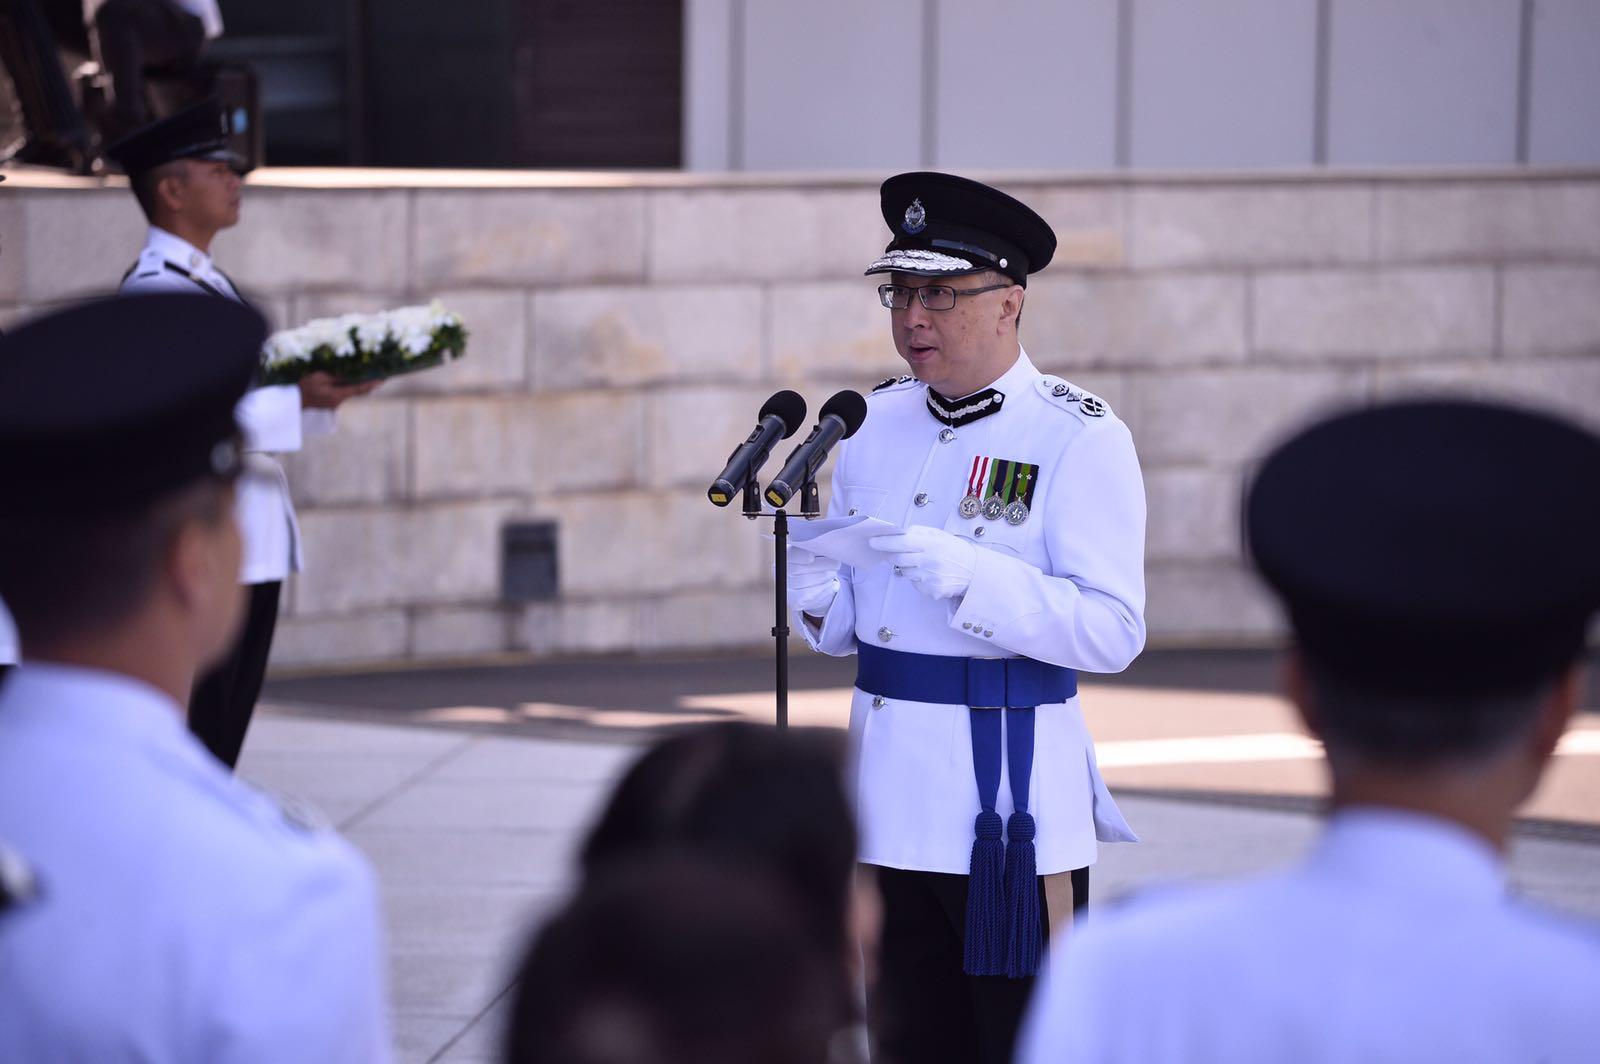 盧偉聰表示向殉職的人員致以最崇高的敬意。